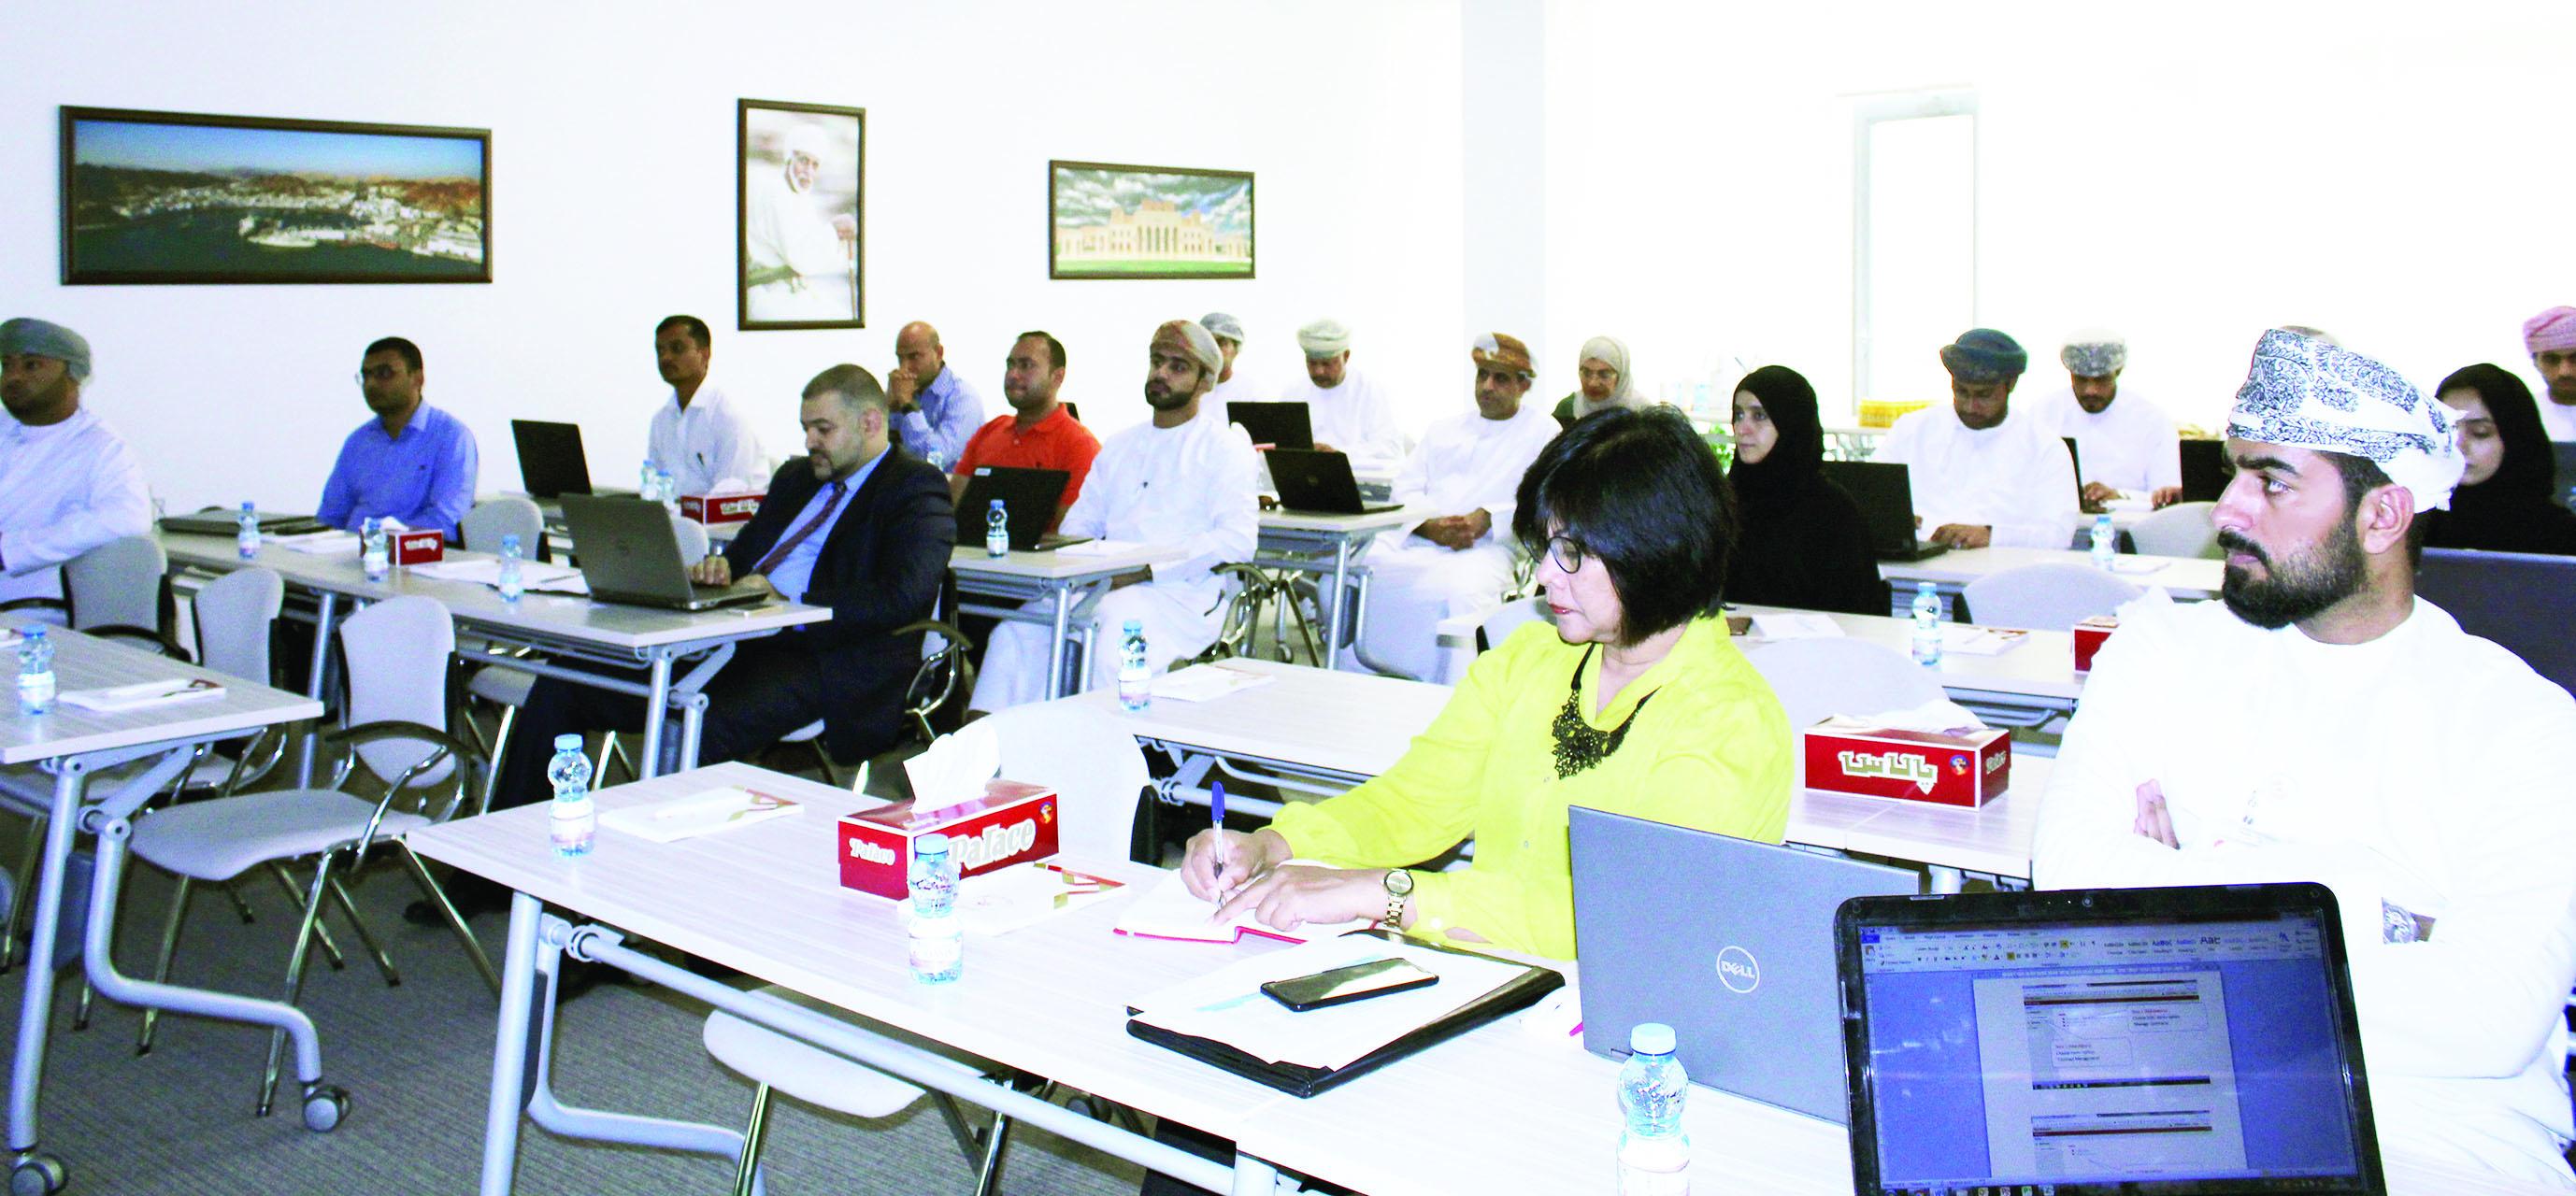 جلسة تدريبية لتطبيق نظام       الإدارة الإلكتروني لـ«شراكة»